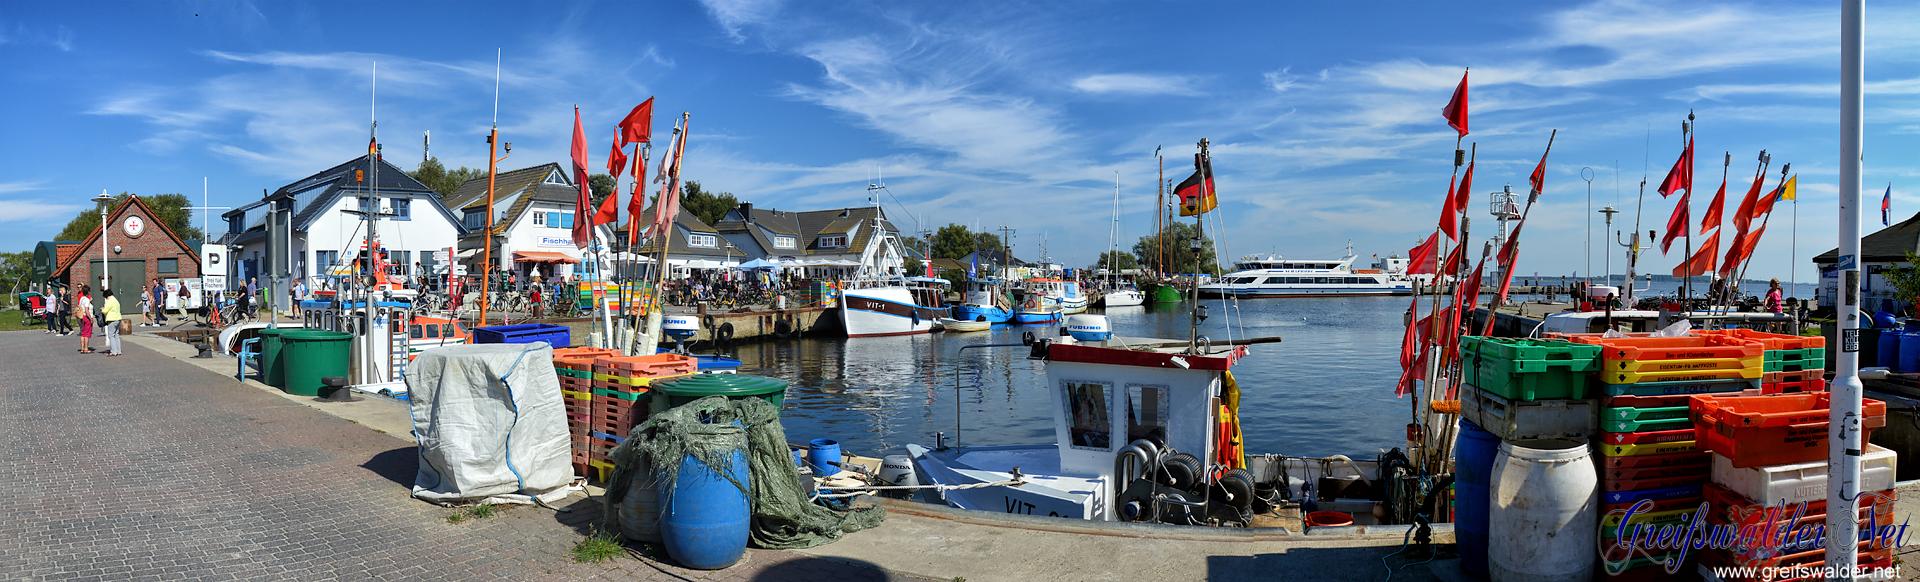 Hafen Vitte (Insel Hiddensee)